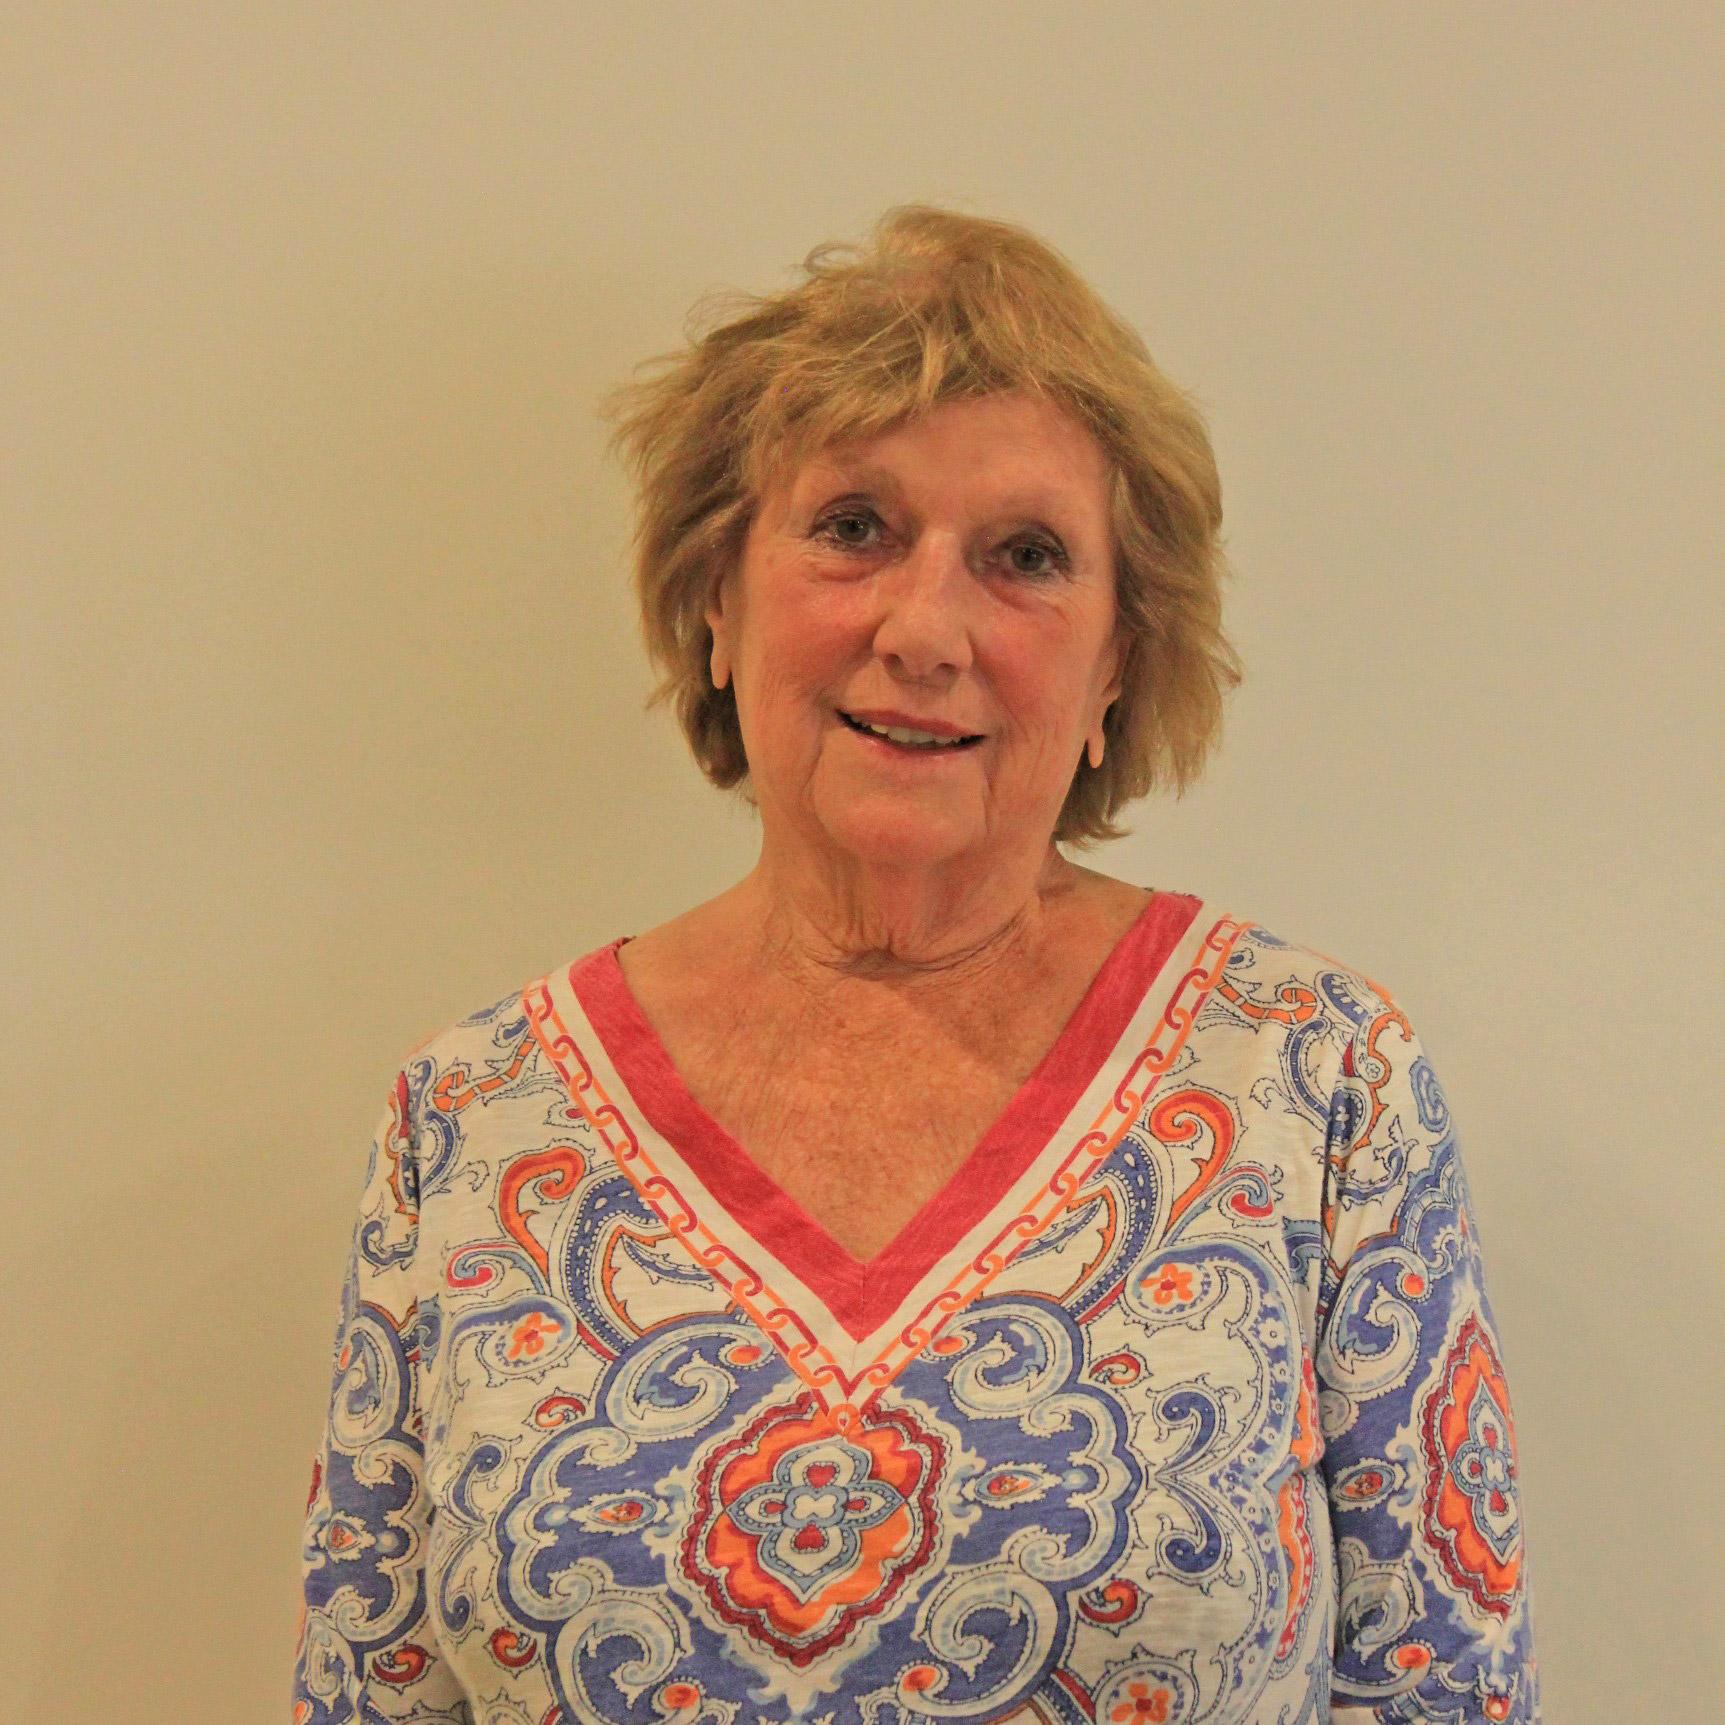 Lona-Smith - Board Member